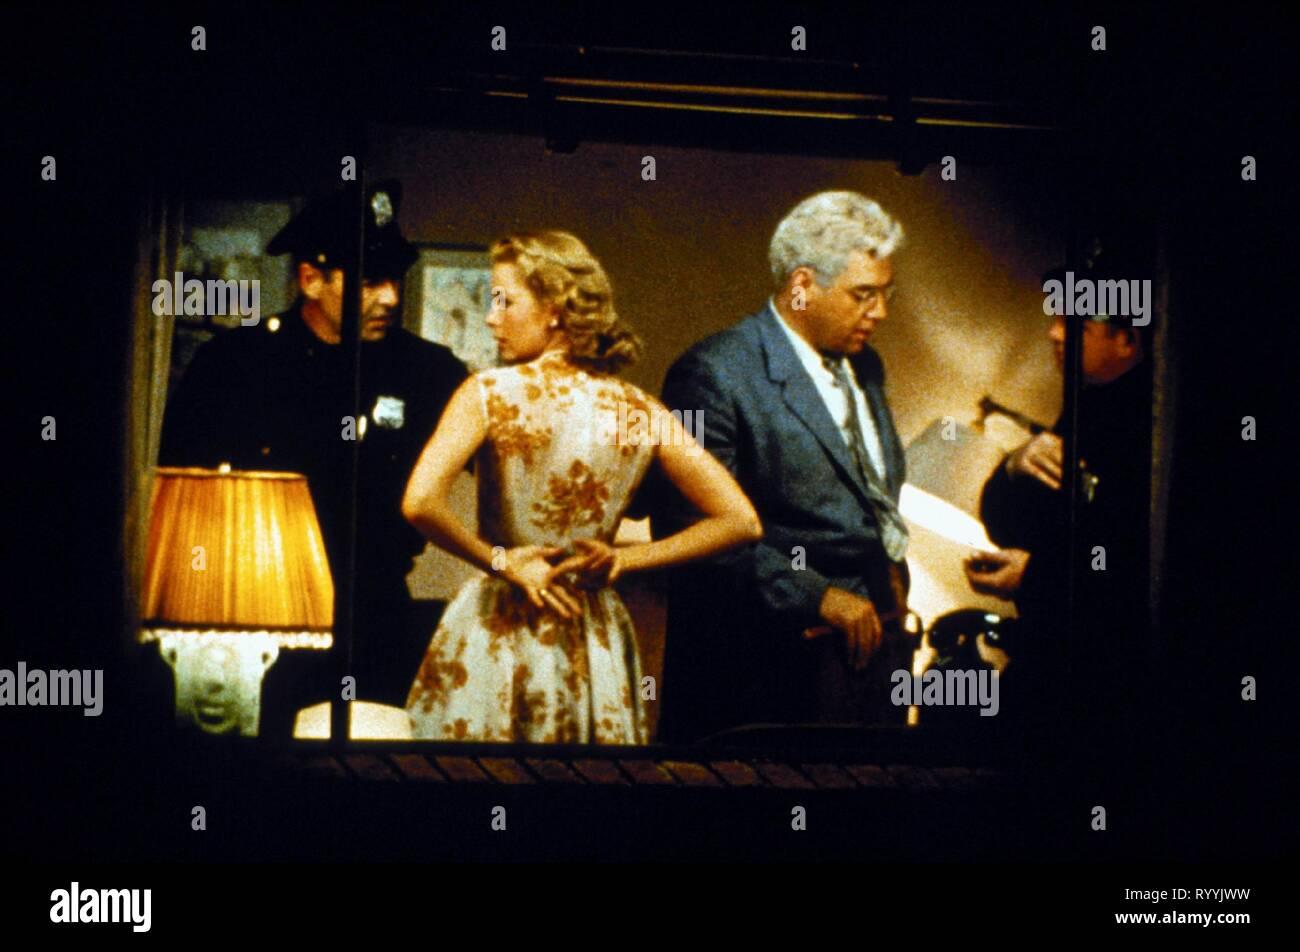 GRACE KELLY, RAYMOND BURR, REAR WINDOW, 1954 - Stock Image